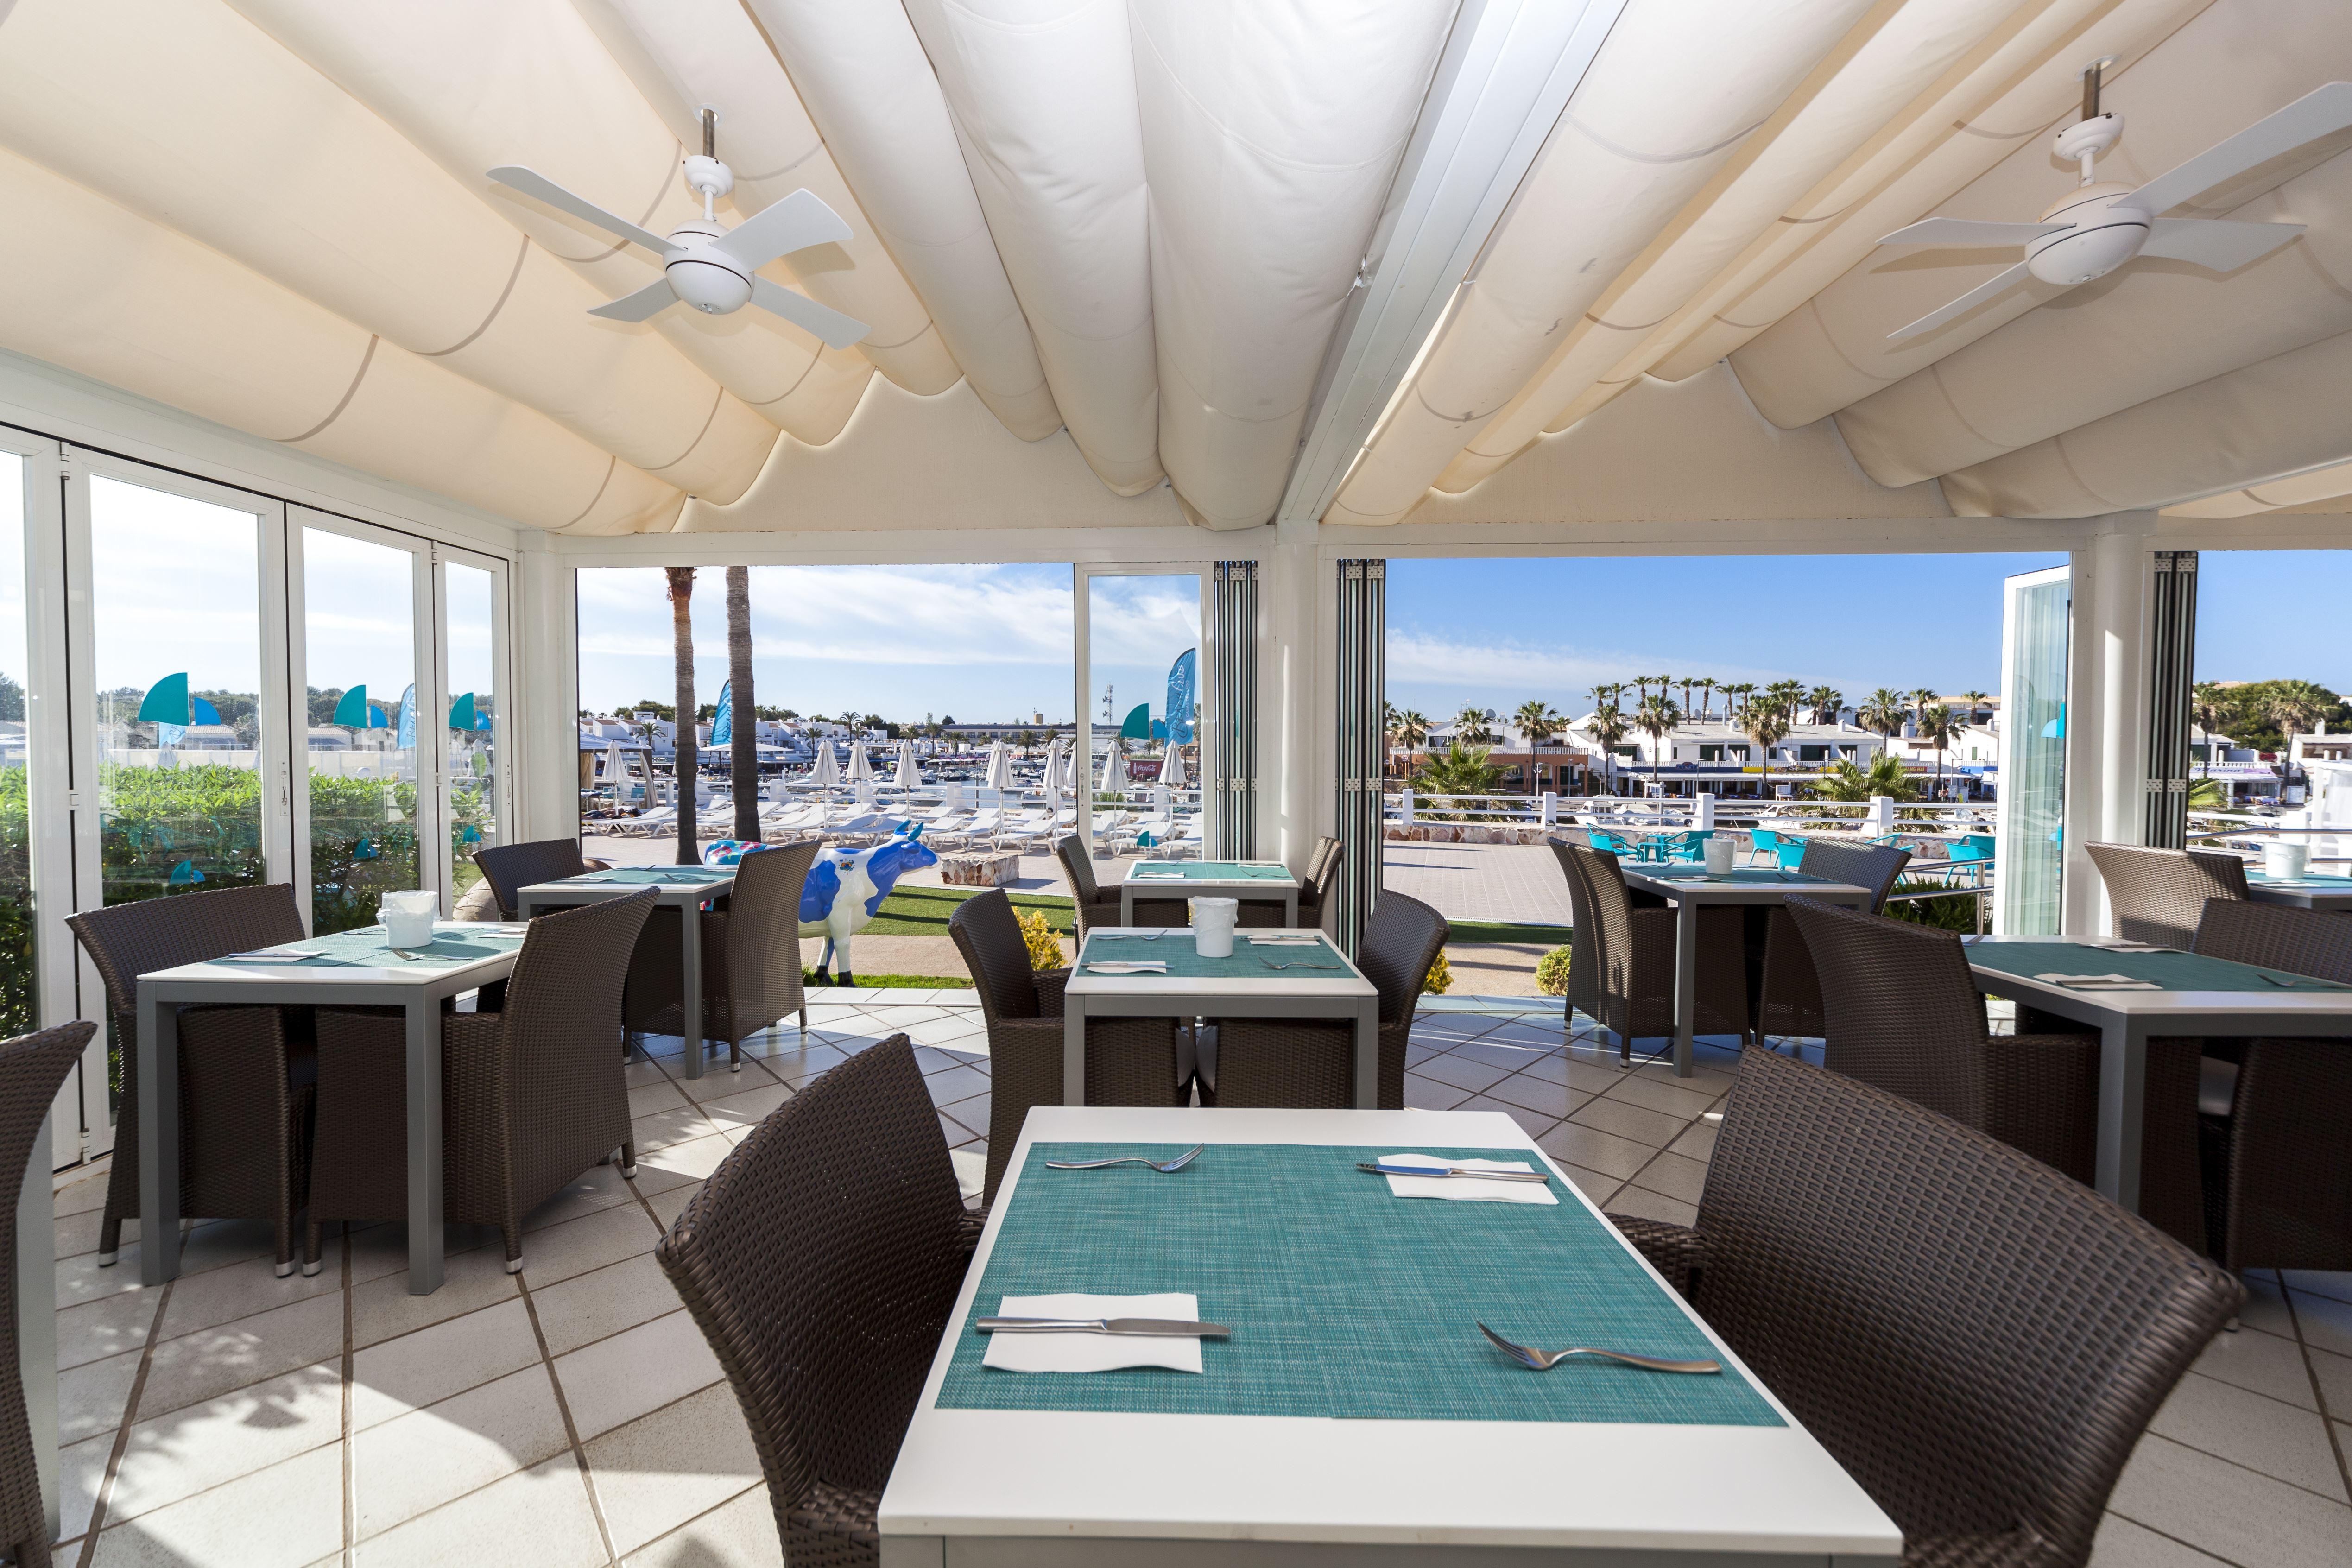 Restaurang på Hotell Casas Del Lago & Beach Club, Cala'n Bosch Menorca